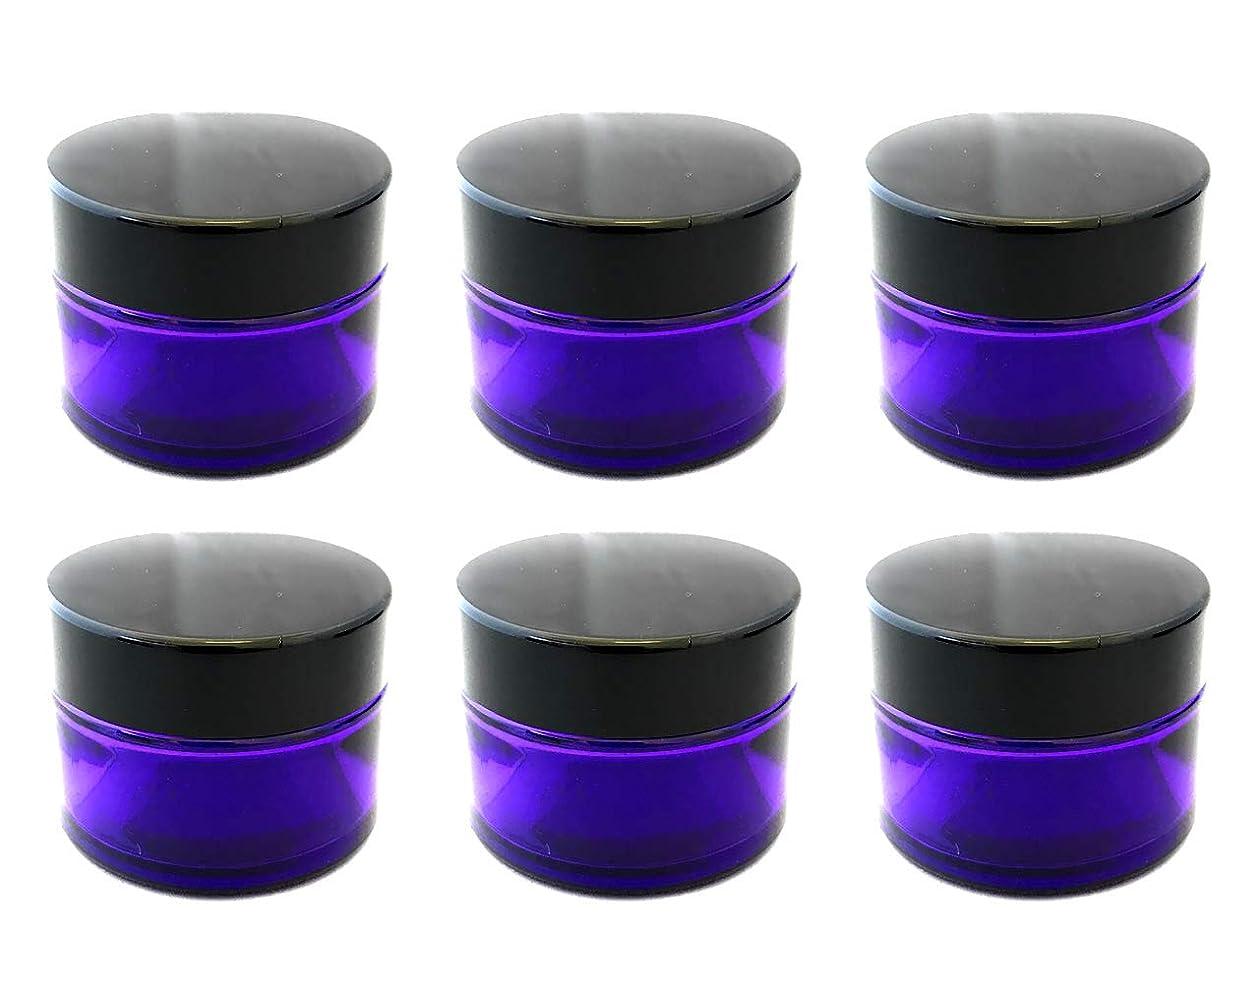 起きてカテナミッション(m-stone)クリーム容器 遮光ジャー 6個セット アロマクリーム ハンドクリーム 遮光瓶 ガラス 瓶 ボトル ビン パープル (30g)